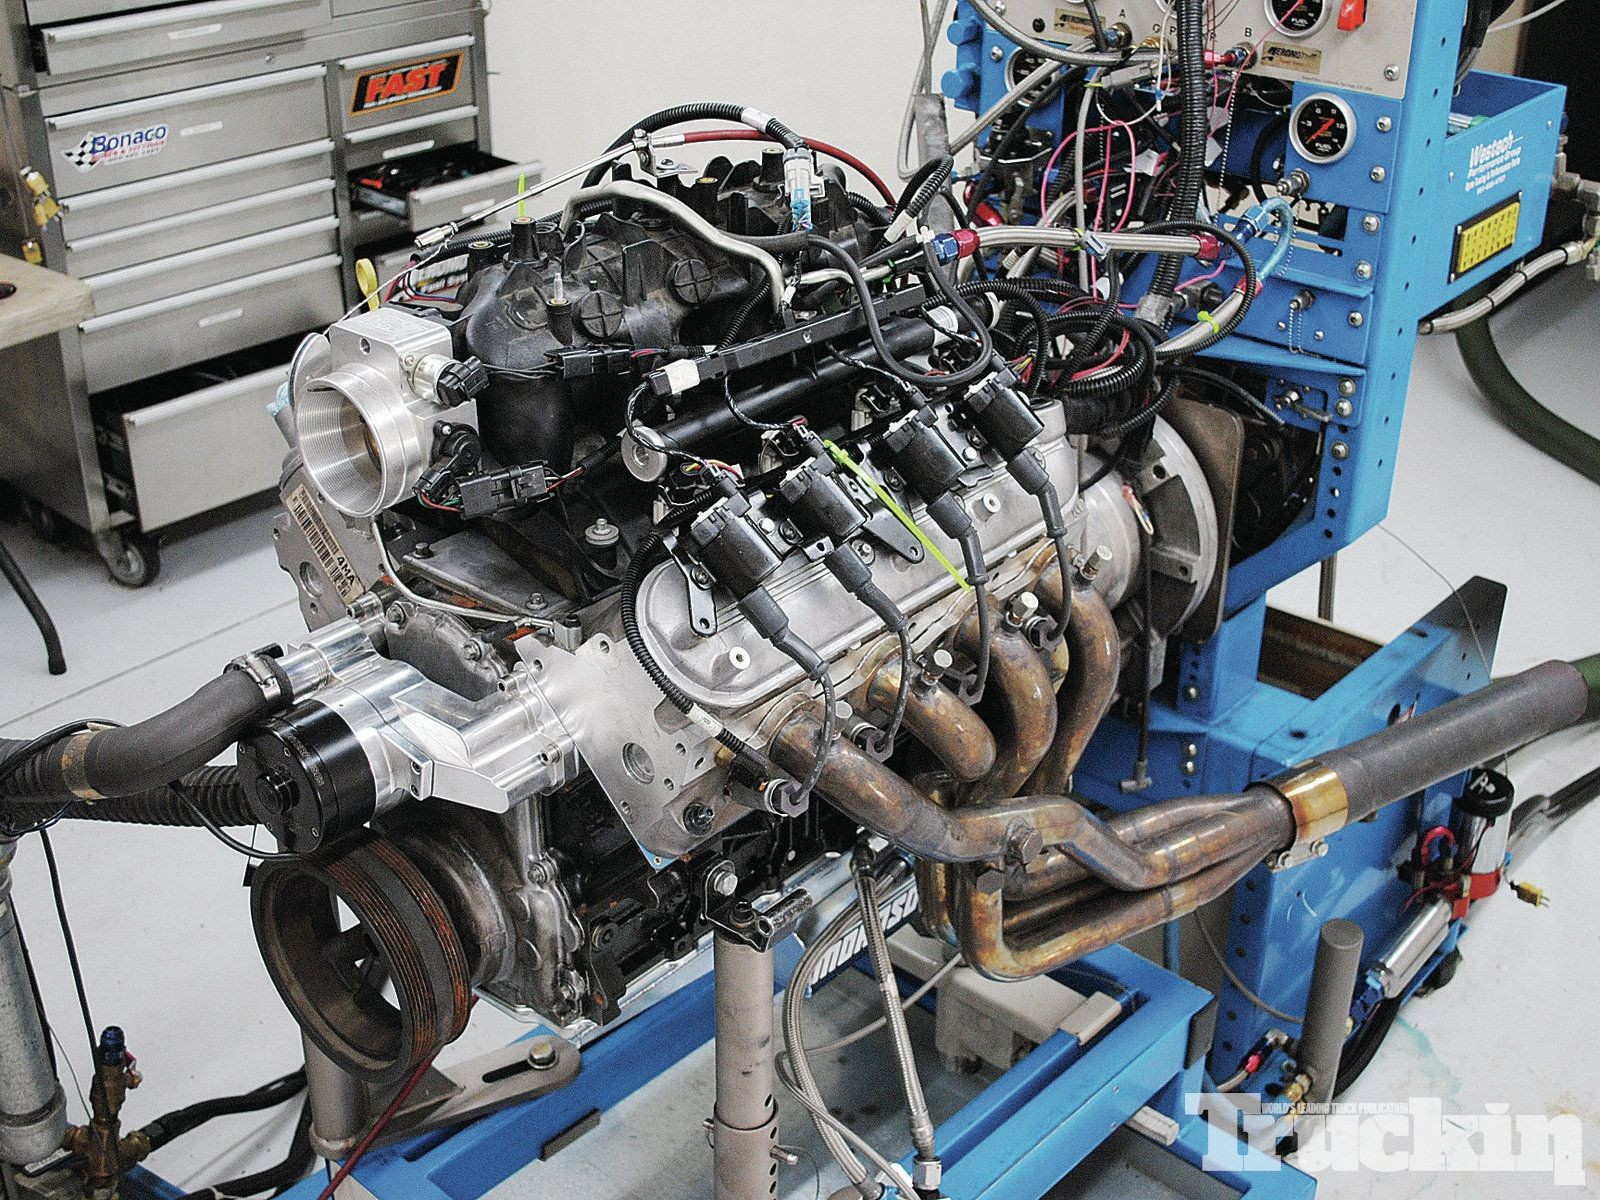 4 3 Liter V6 Vortec Engine Diagram 2 4 3 L35 Vortec Wiring Diagram Wiring Diagrams Of 4 3 Liter V6 Vortec Engine Diagram 2